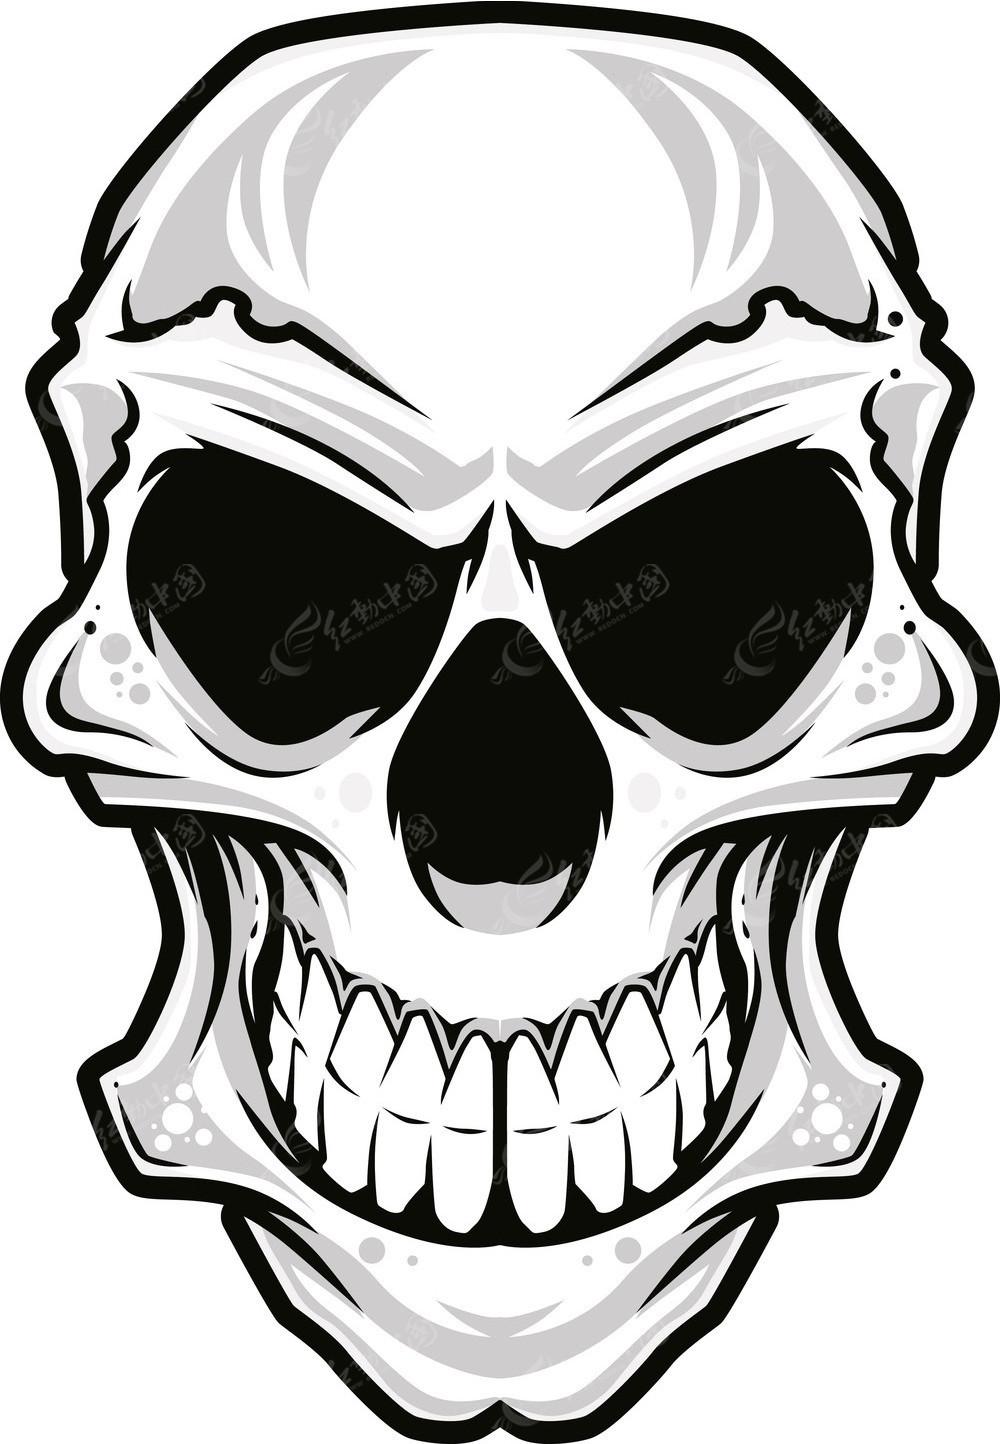 您当前访问素材主题是骷髅头手绘线描画,编号是3685572,文件格式eps